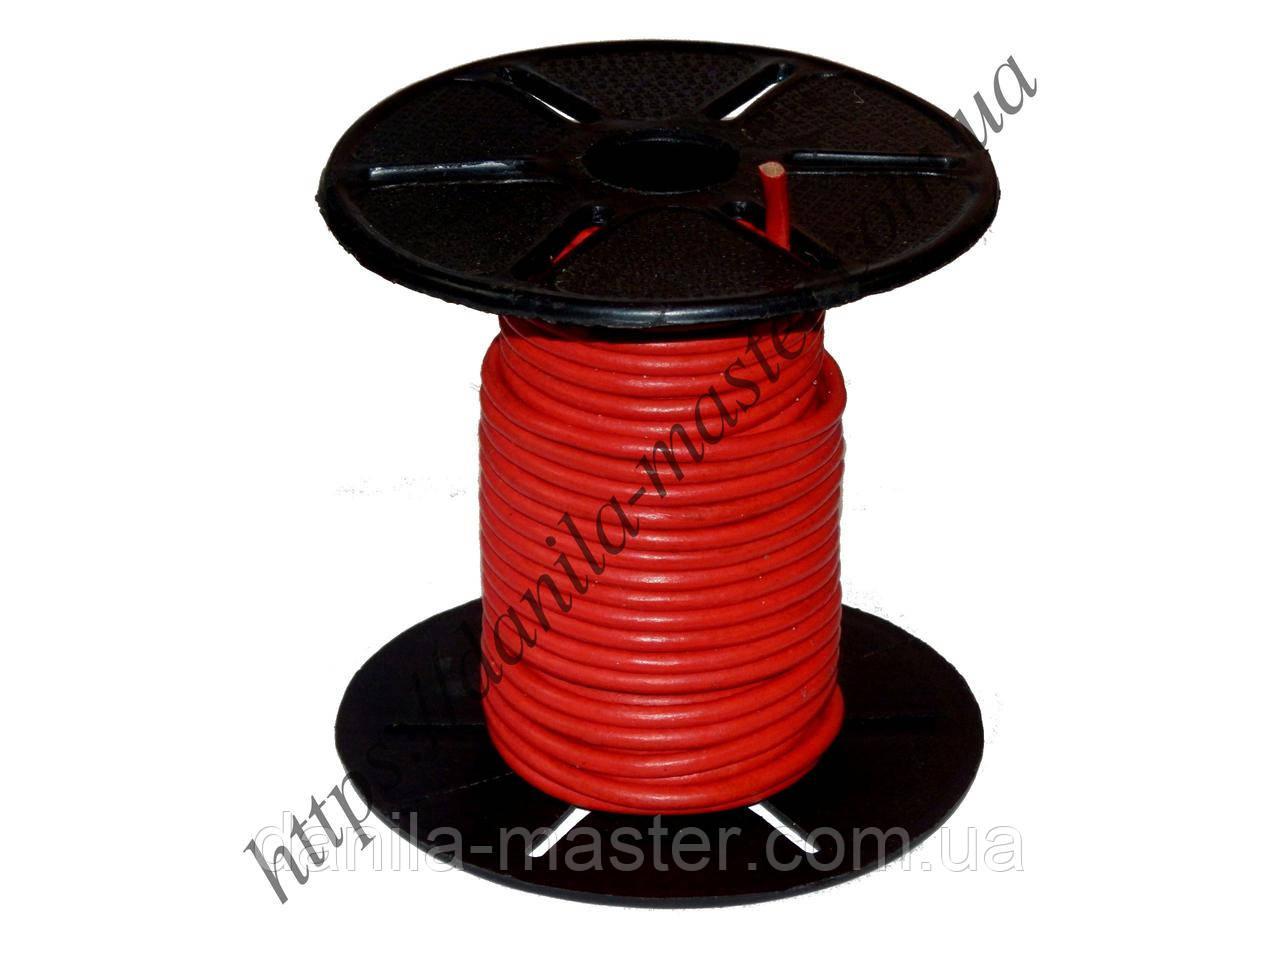 Шнур кожаный красный (d=2,5мм)